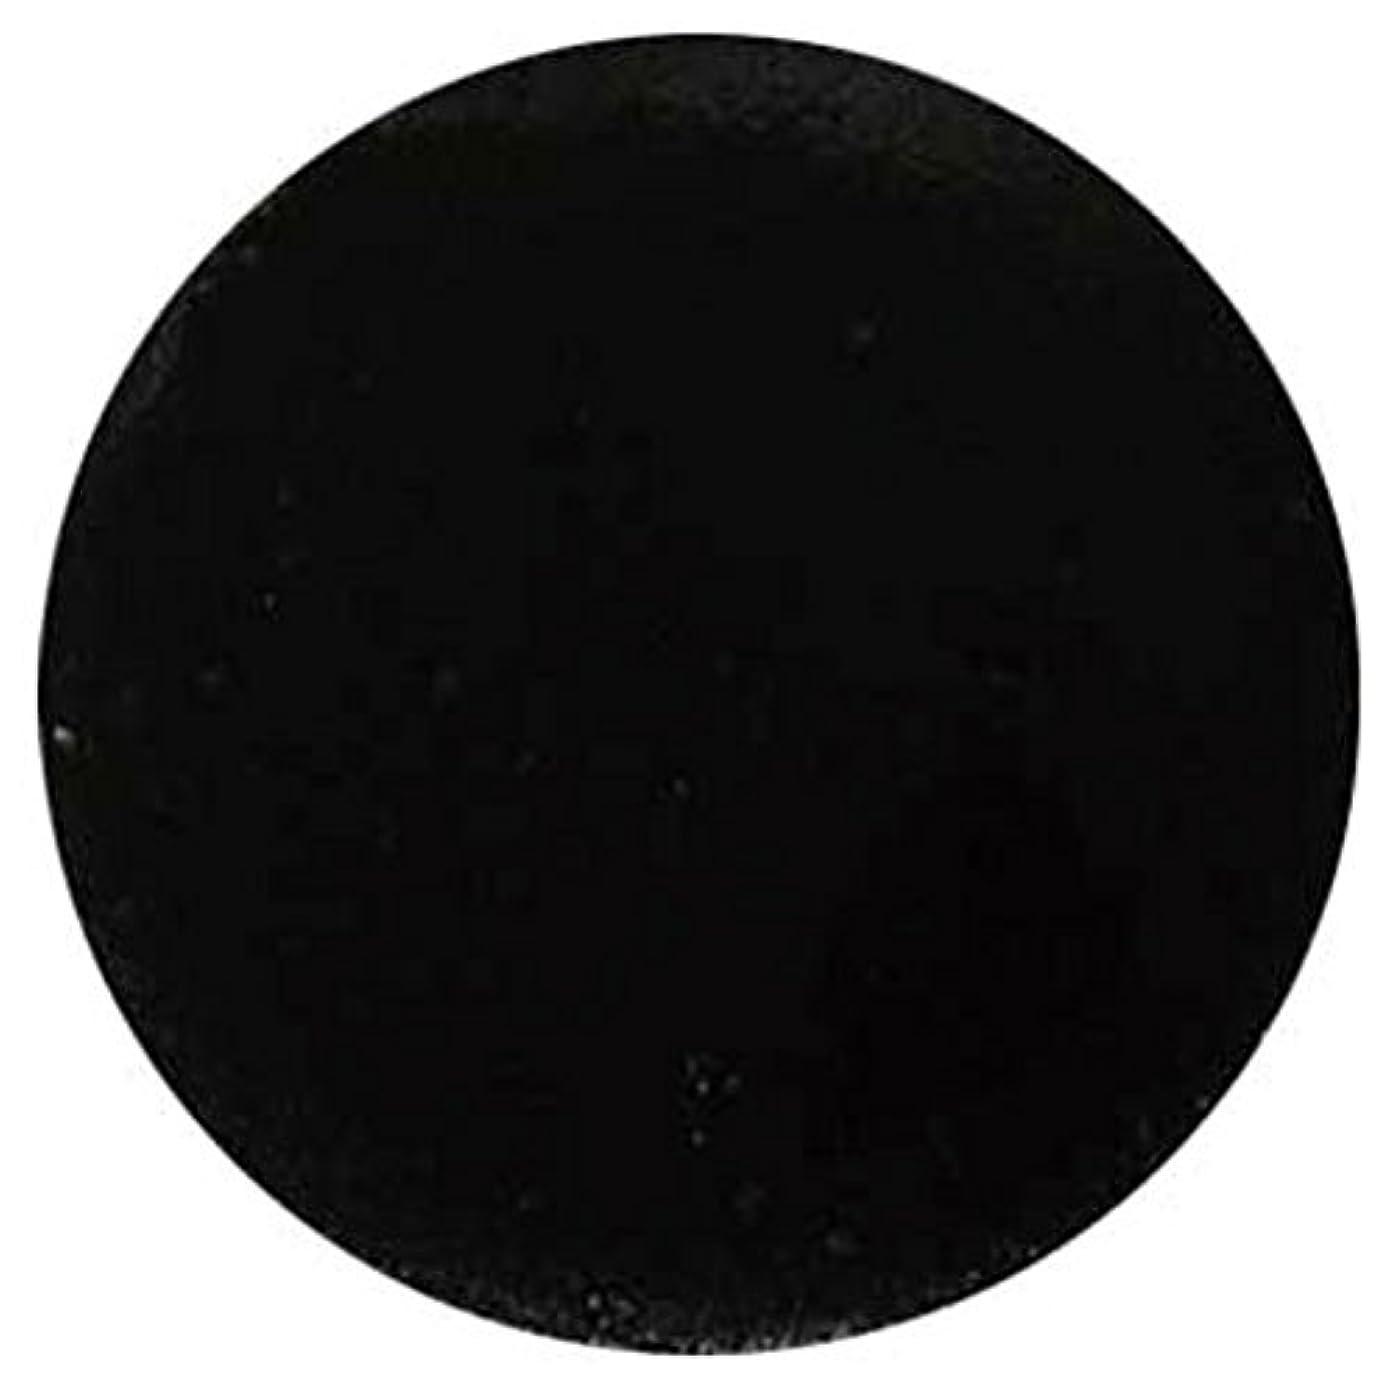 世界記録のギネスブック不和漏れパウダー# 2 3.5g ブラックオニキス